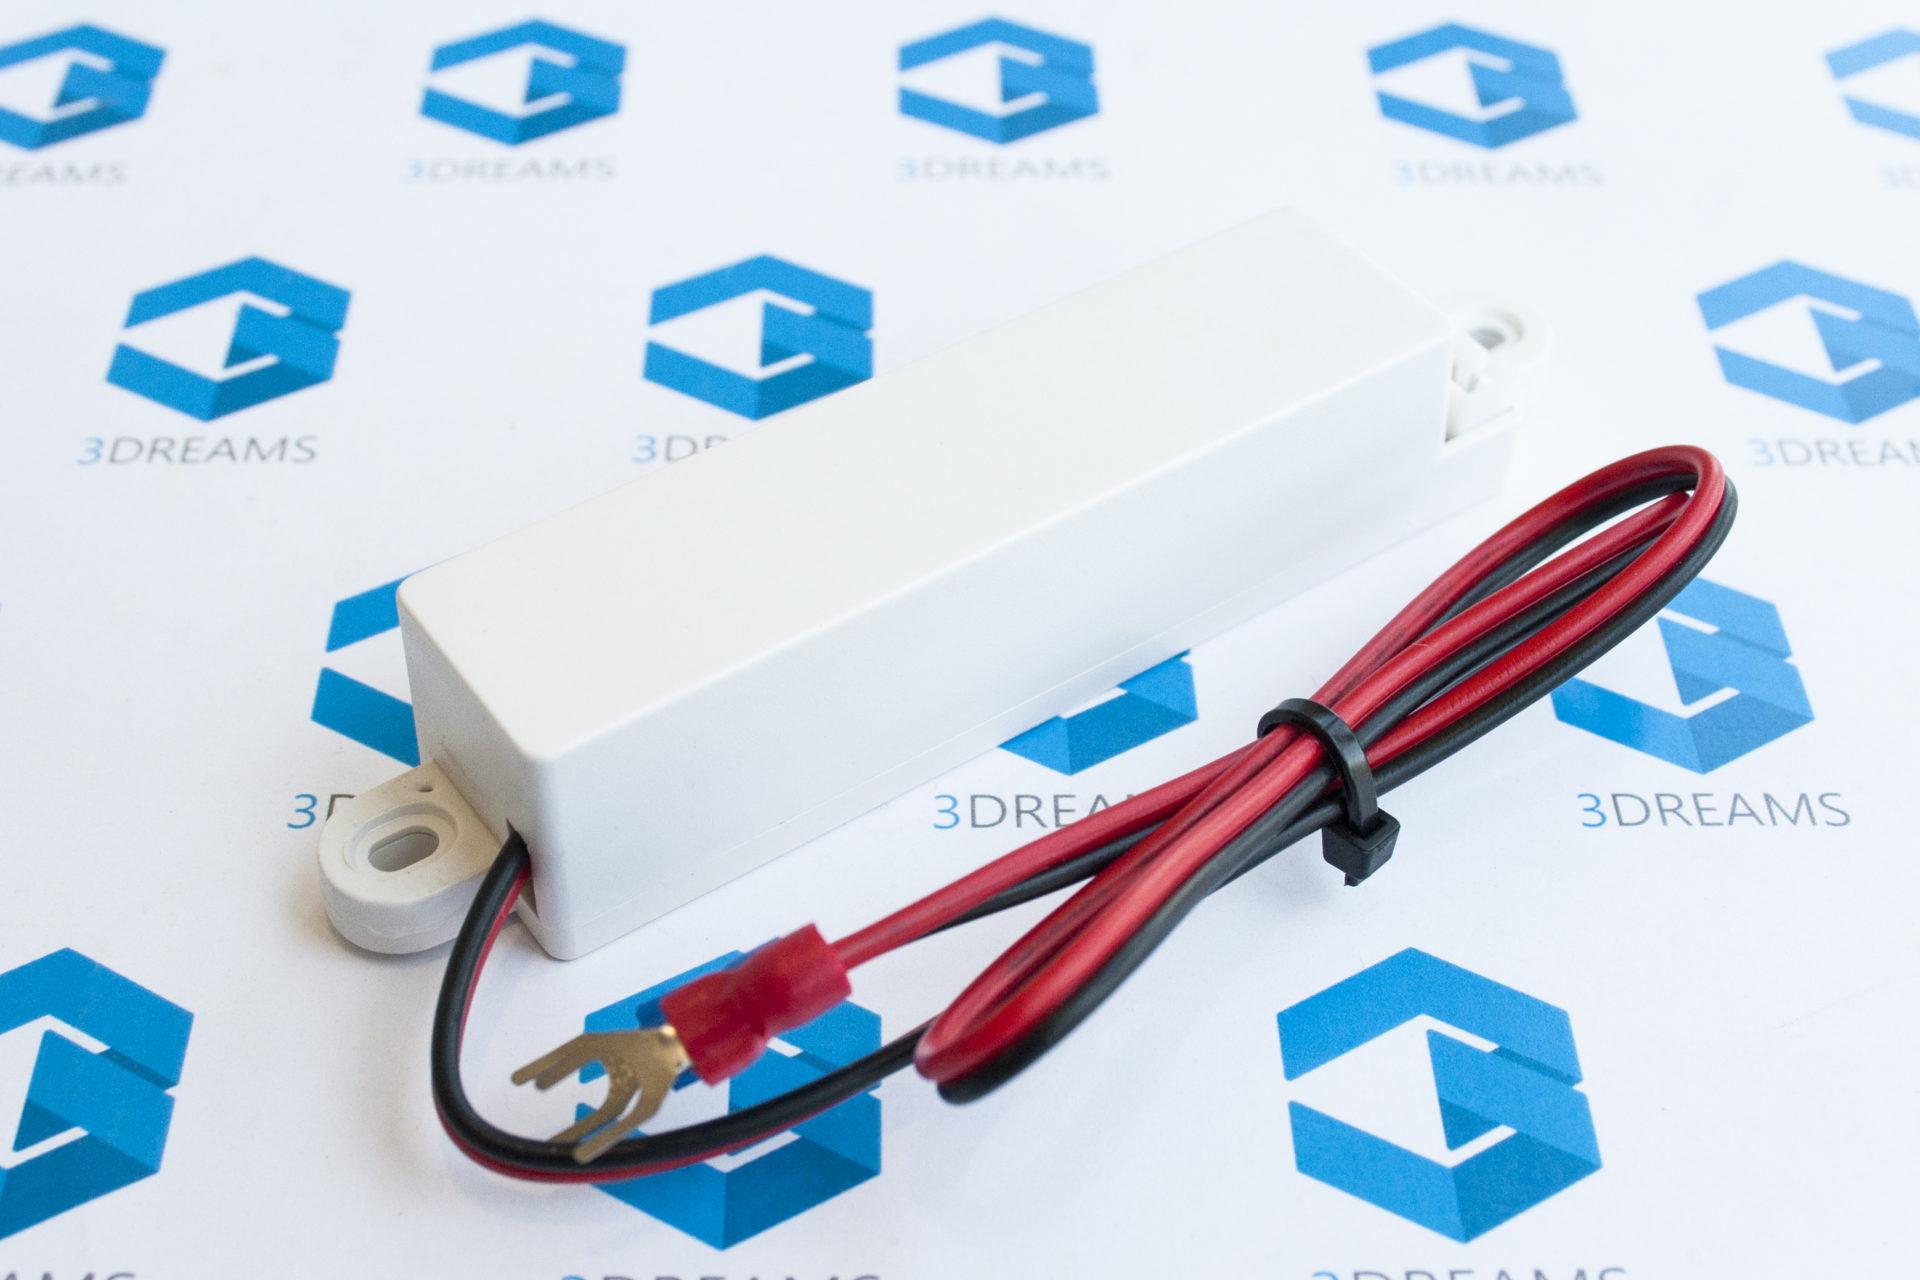 Модуль возобновления печати для 3D принтеров Wanhao купить киев харьков львов днепр запорожье одесса 1